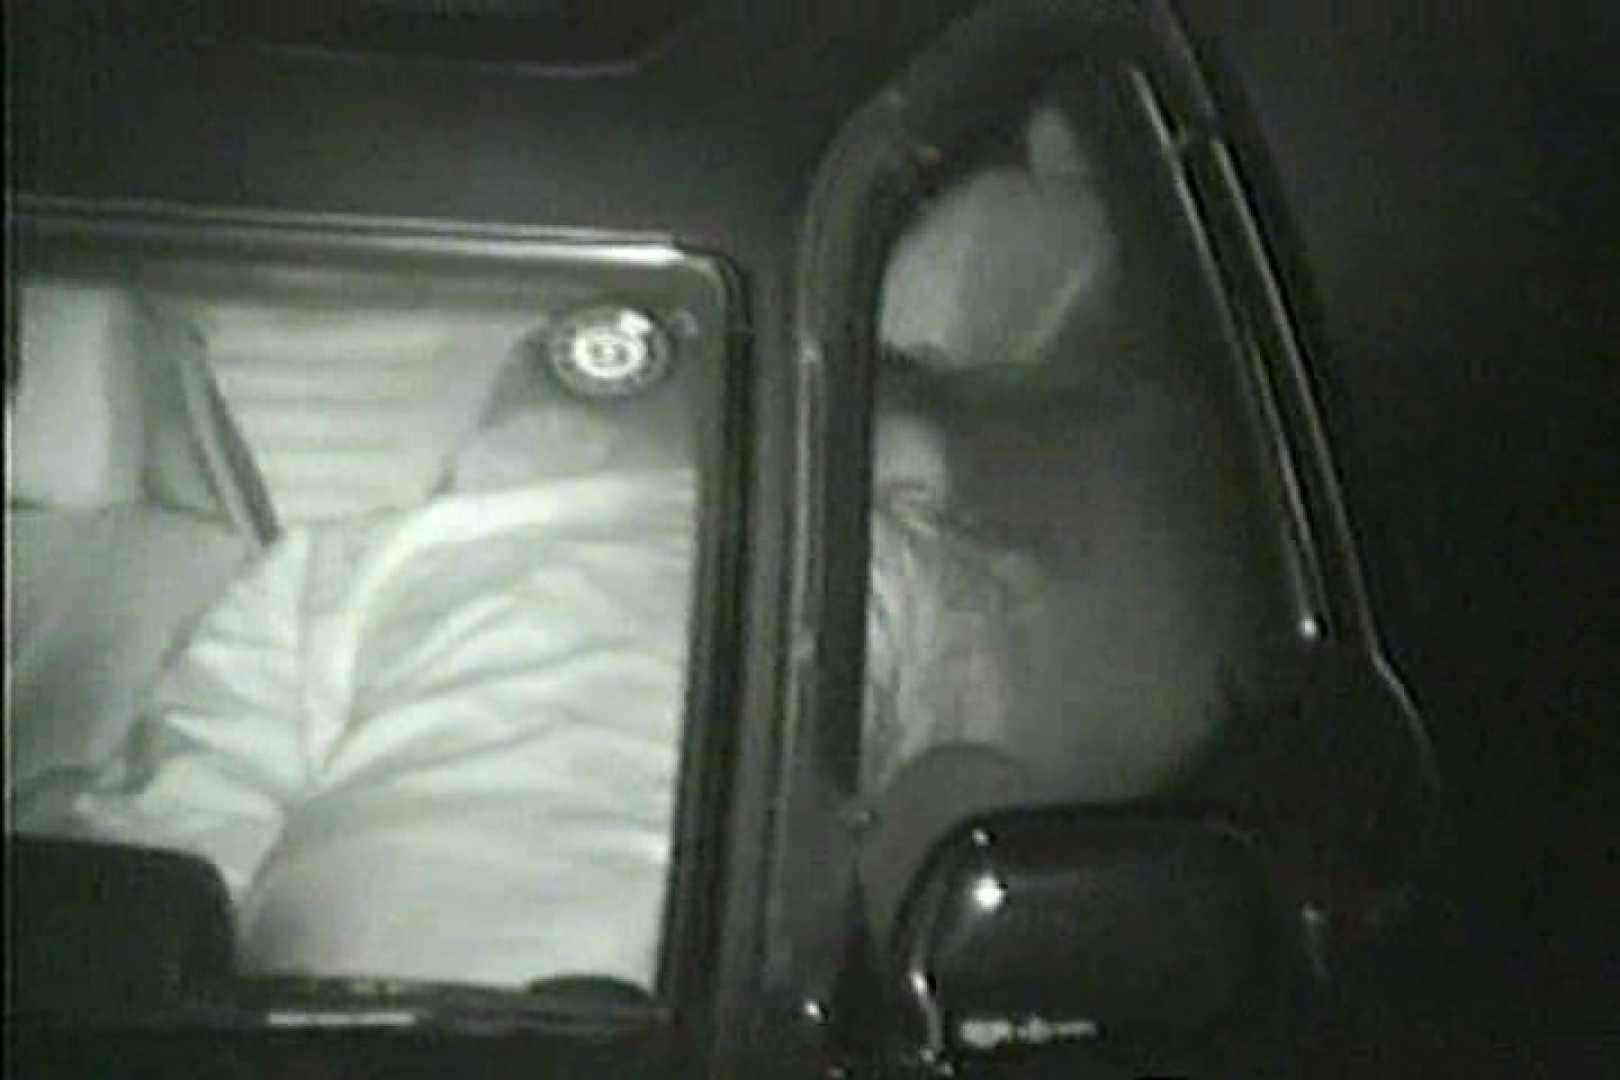 車の中はラブホテル 無修正版  Vol.10 接写 | 車  87pic 41